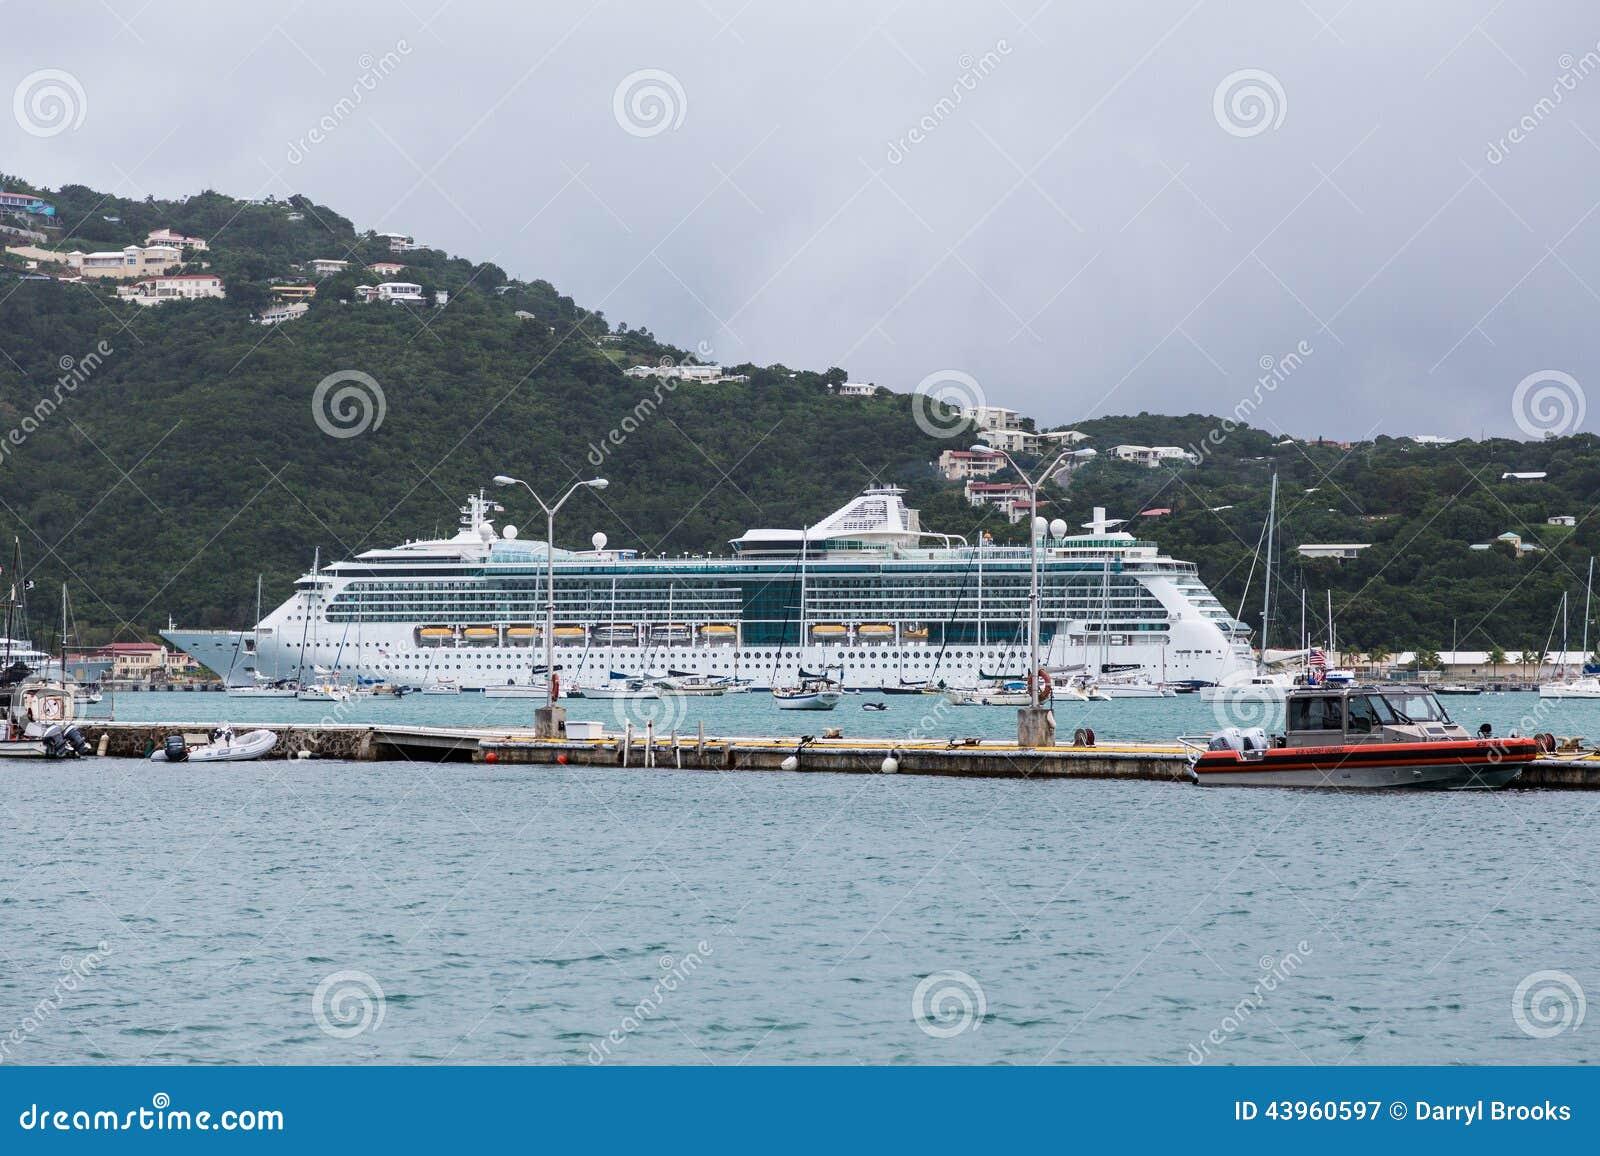 Ακτοφυλακή και κρουαζιερόπλοιο